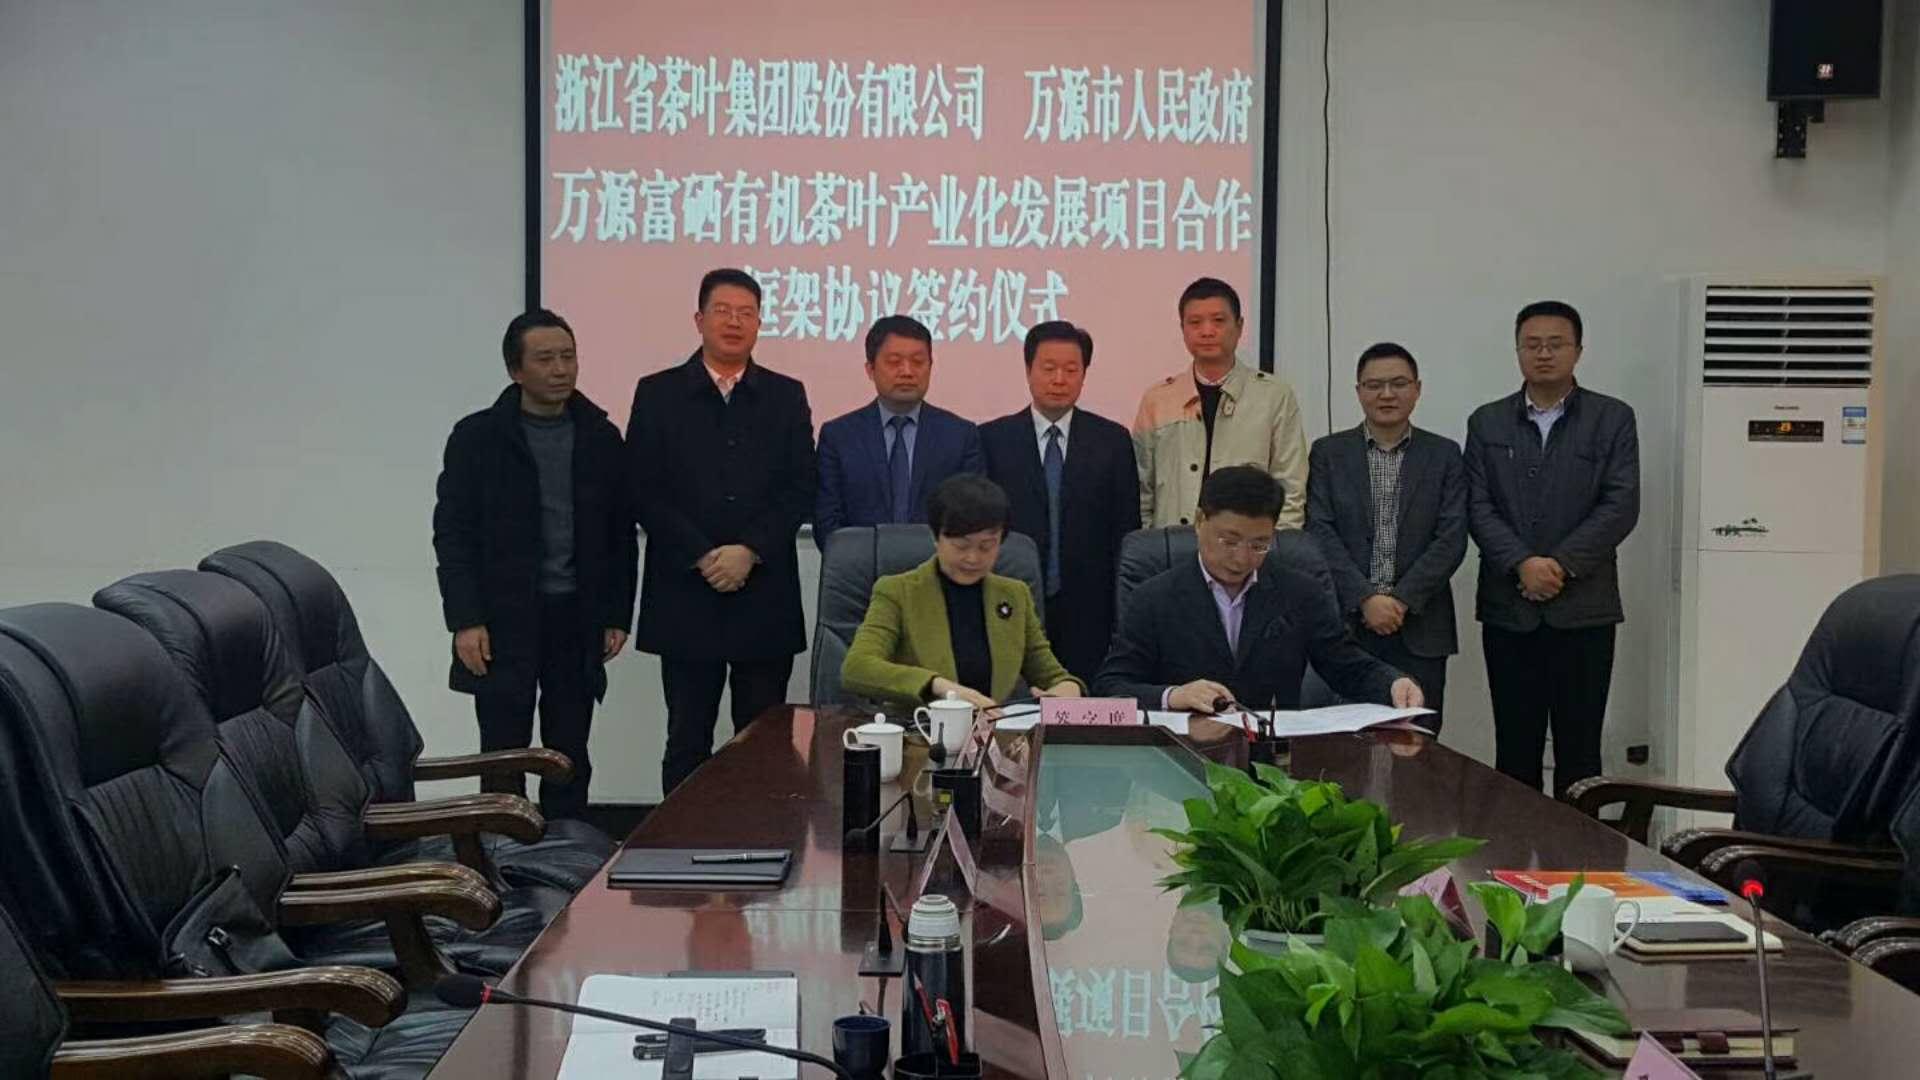 浙茶集团签约四川万源茶财产项目 助力村落复兴